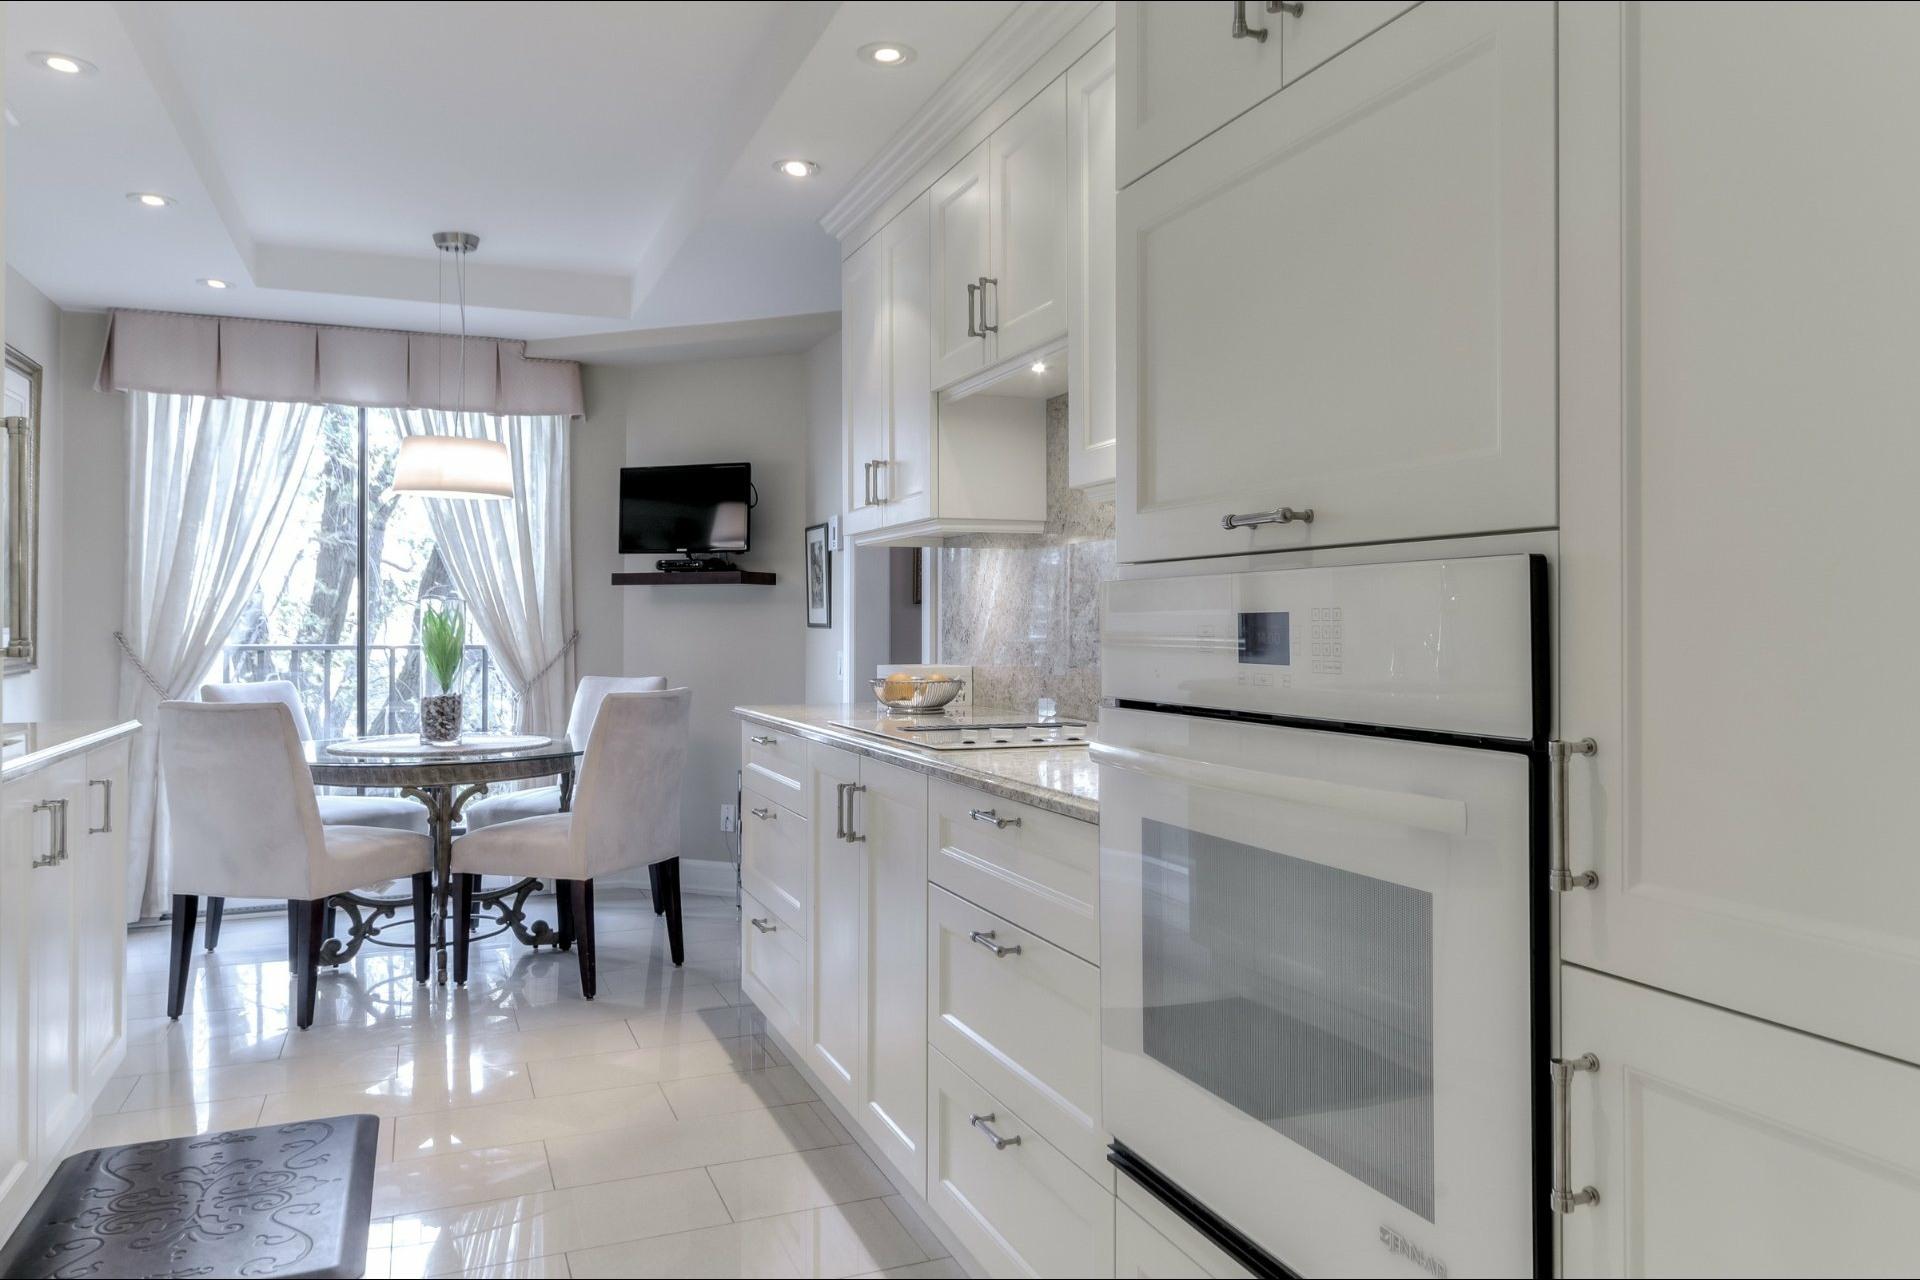 image 12 - 公寓 出售 Côte-des-Neiges/Notre-Dame-de-Grâce Montréal  - 6 室